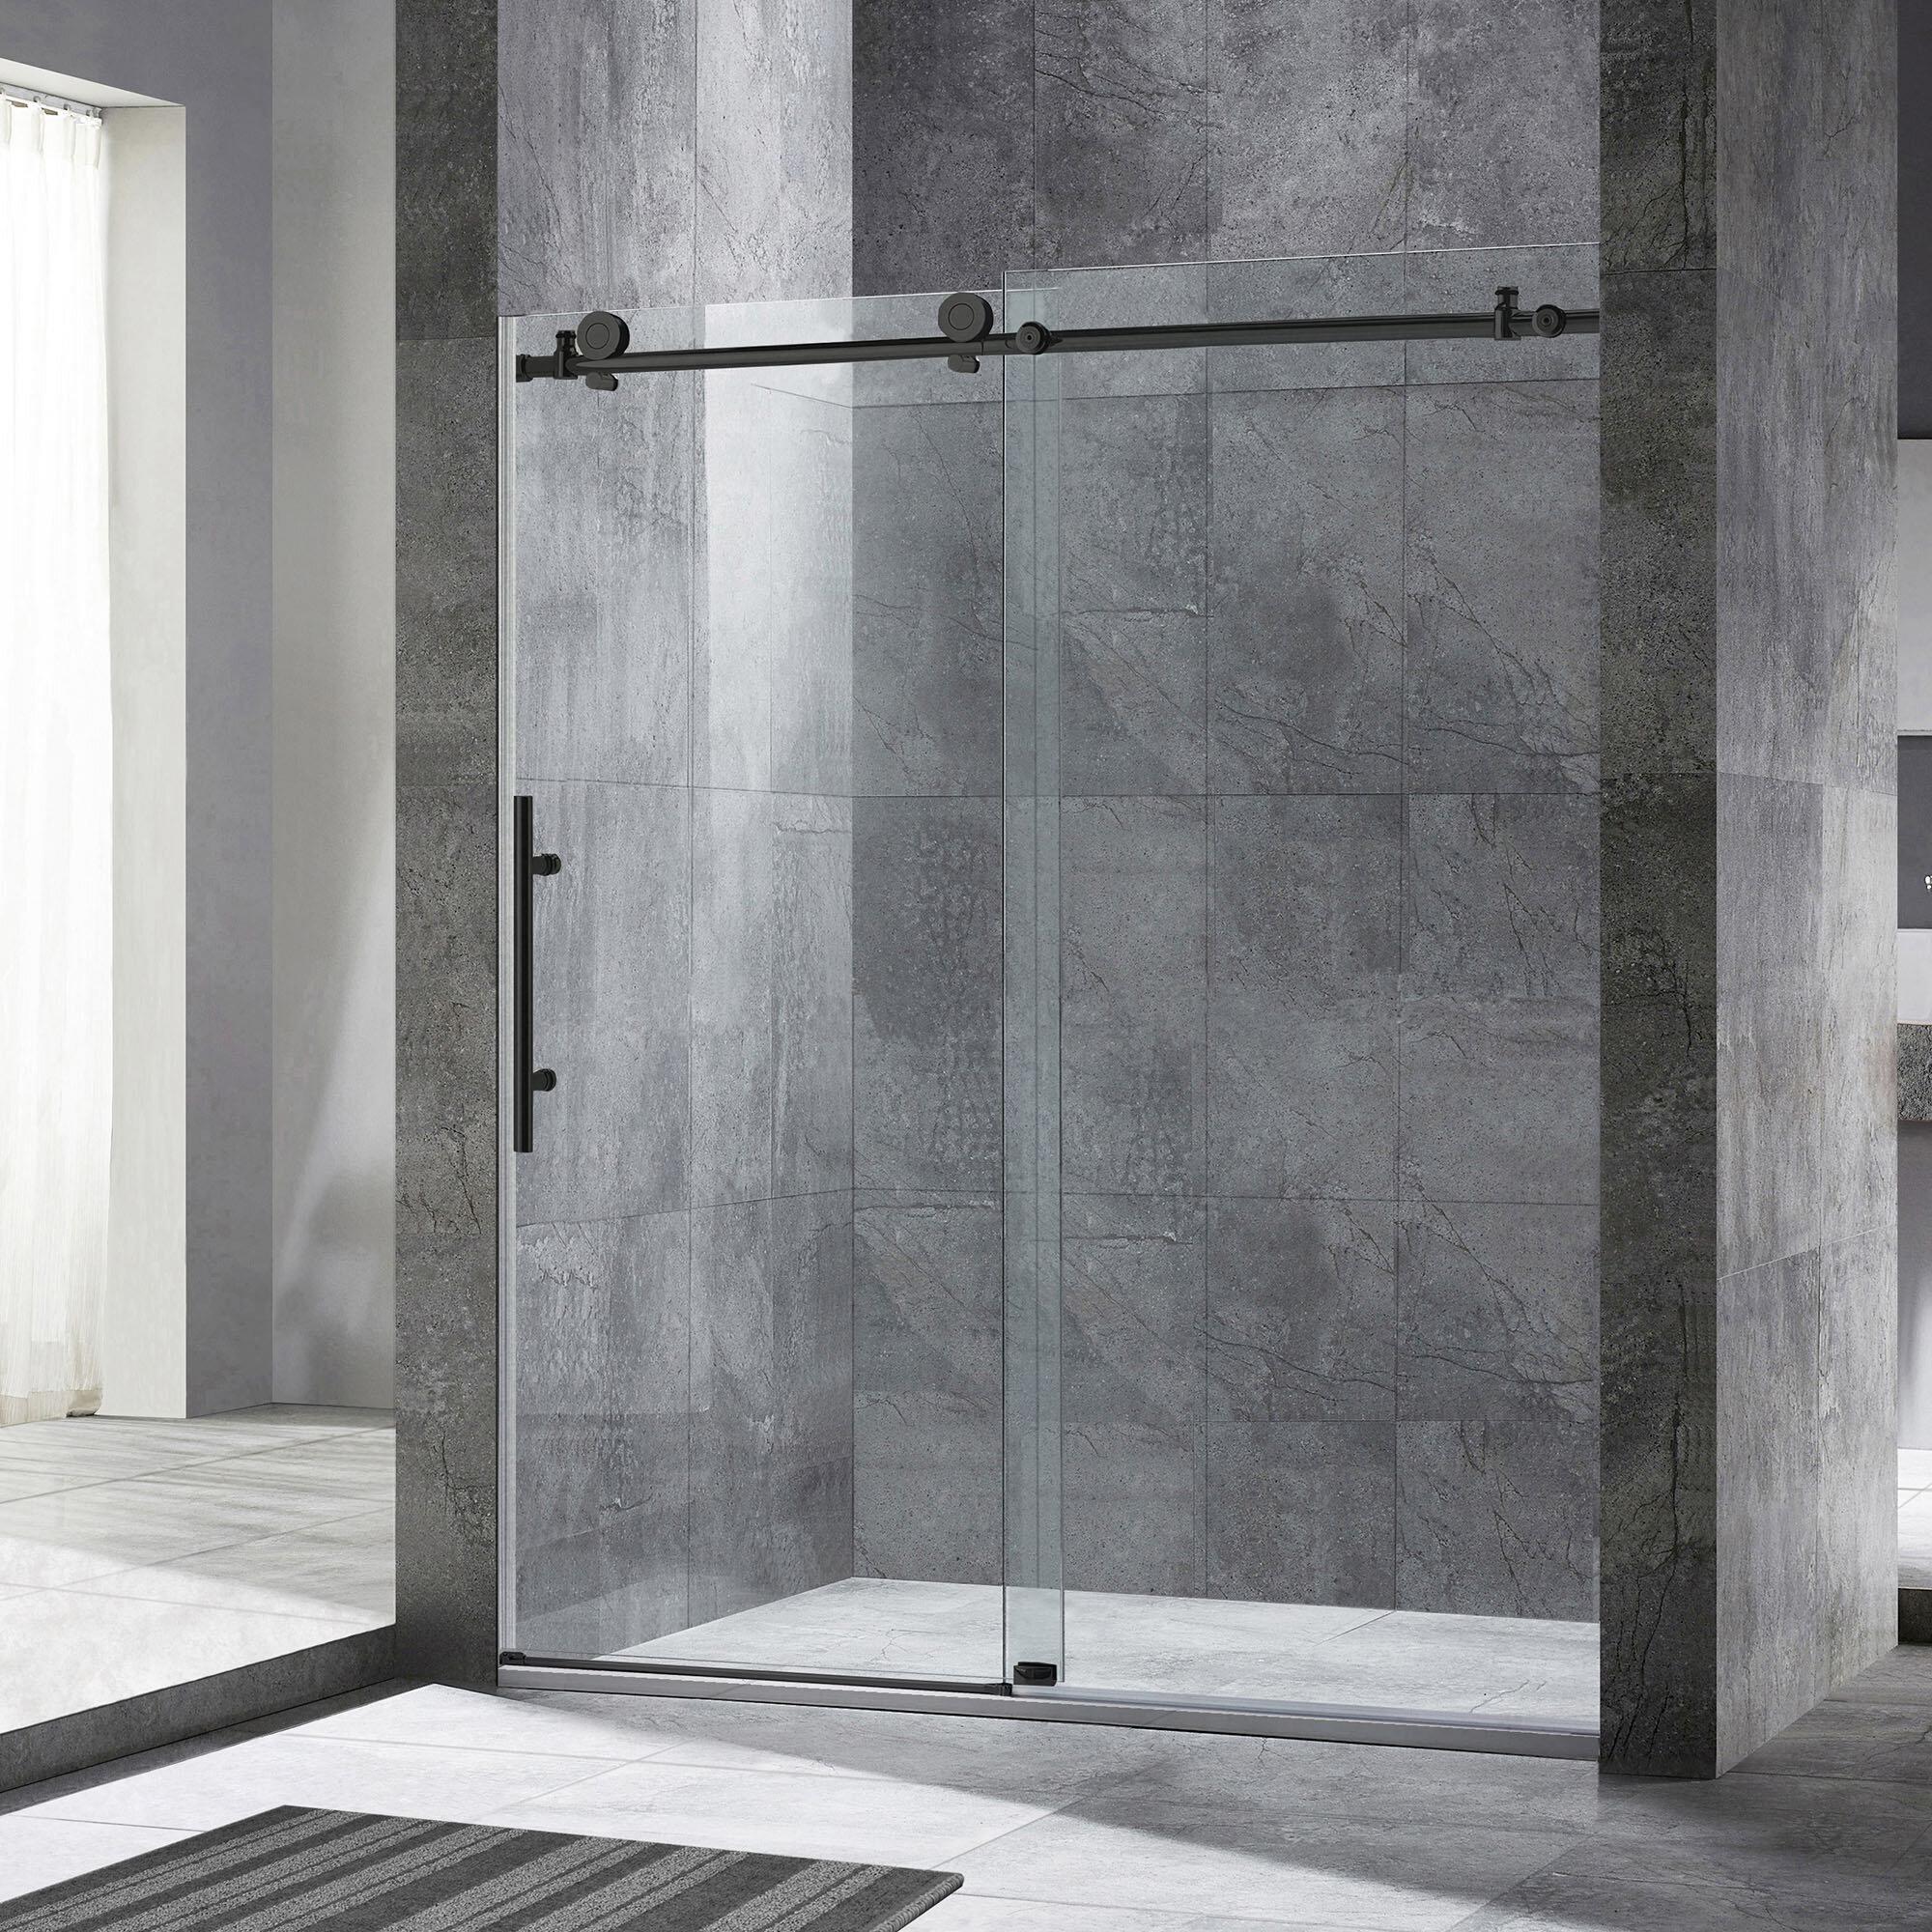 10 x 10 Single Sliding Frameless Shower Door